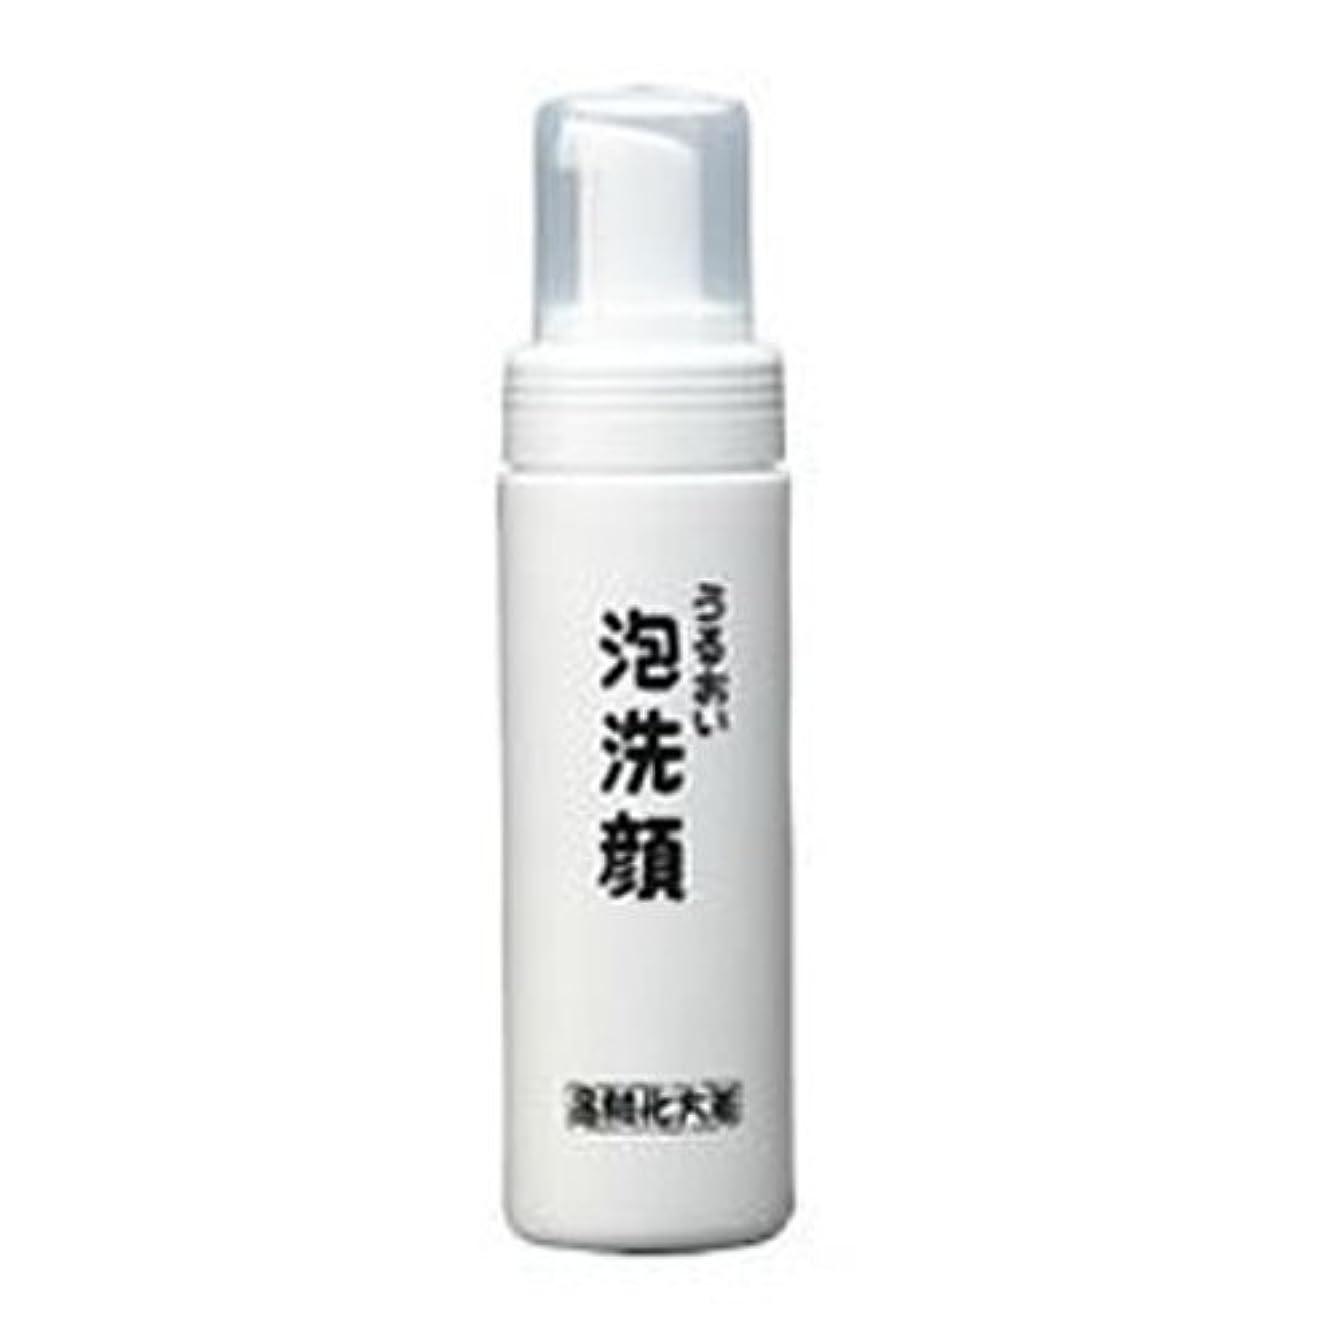 市区町村参加するとして箸方化粧品 うるおい泡洗顔 150ml はしかた化粧品